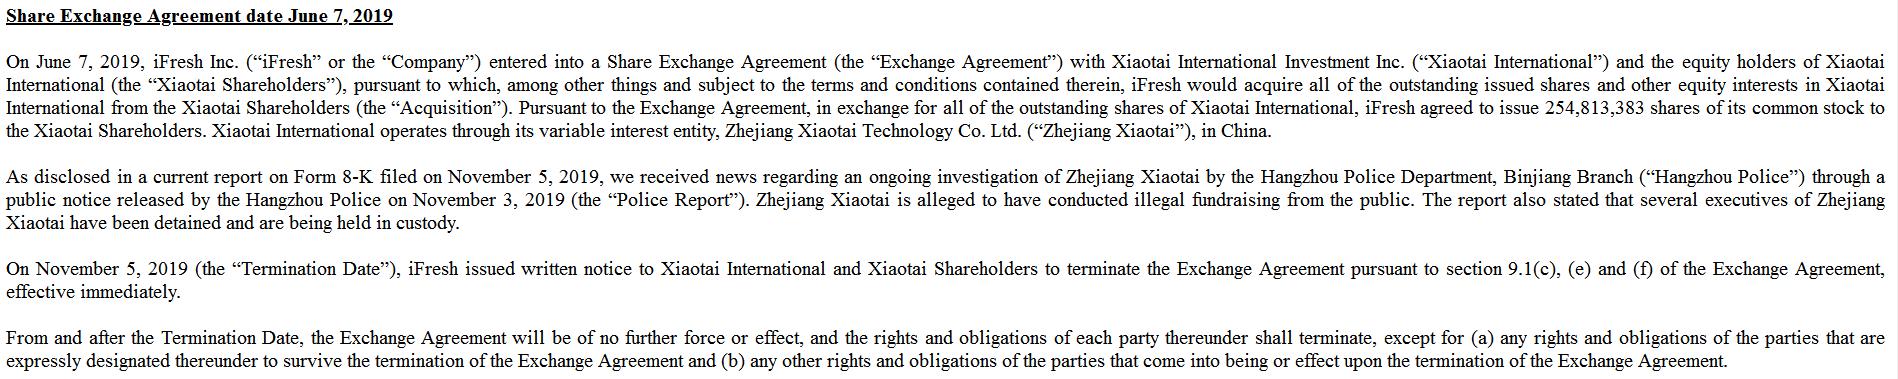 iFresh:要求泰然金融中止股份交换协议